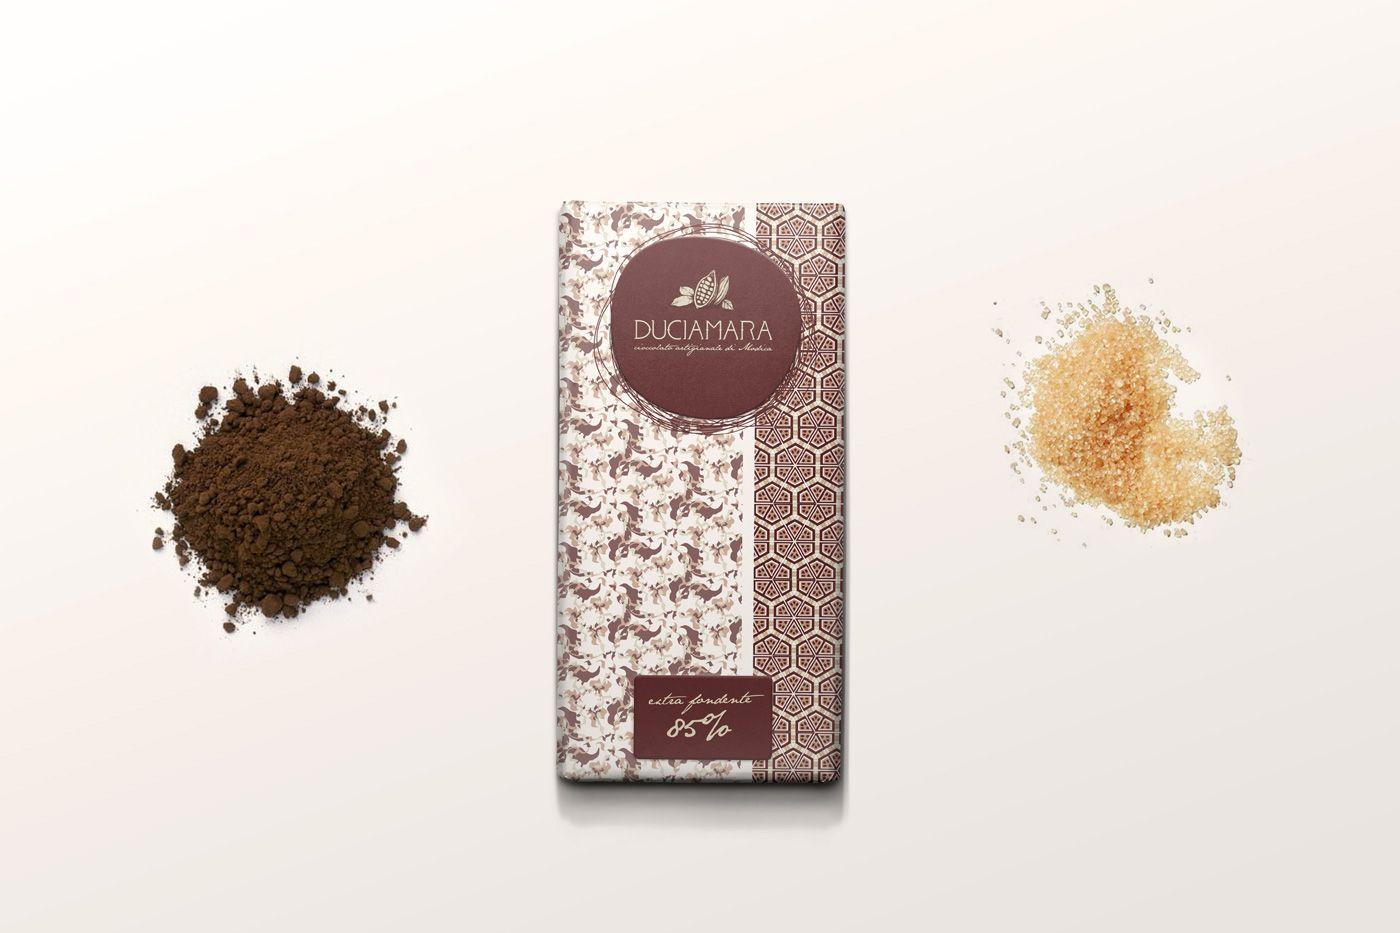 DUCIAMARA   cioccolato artigianale di Modica on Behance